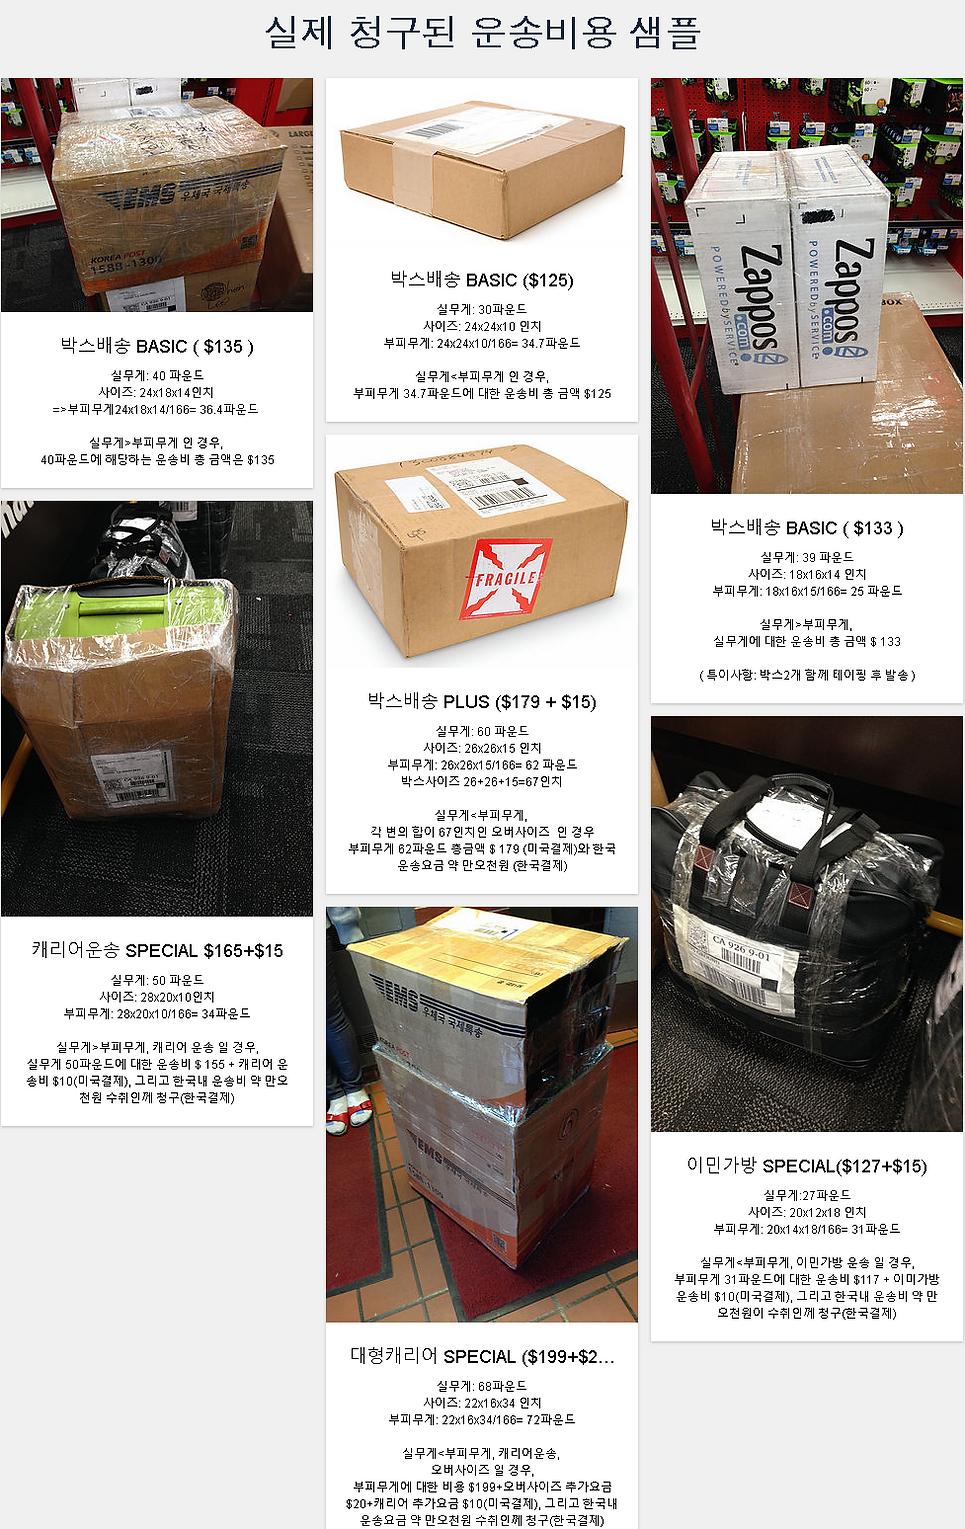 유딜 미국에서 한국으로 보내는 최저가 국제운송, 귀국 이사, 귀국짐, 택배 추천